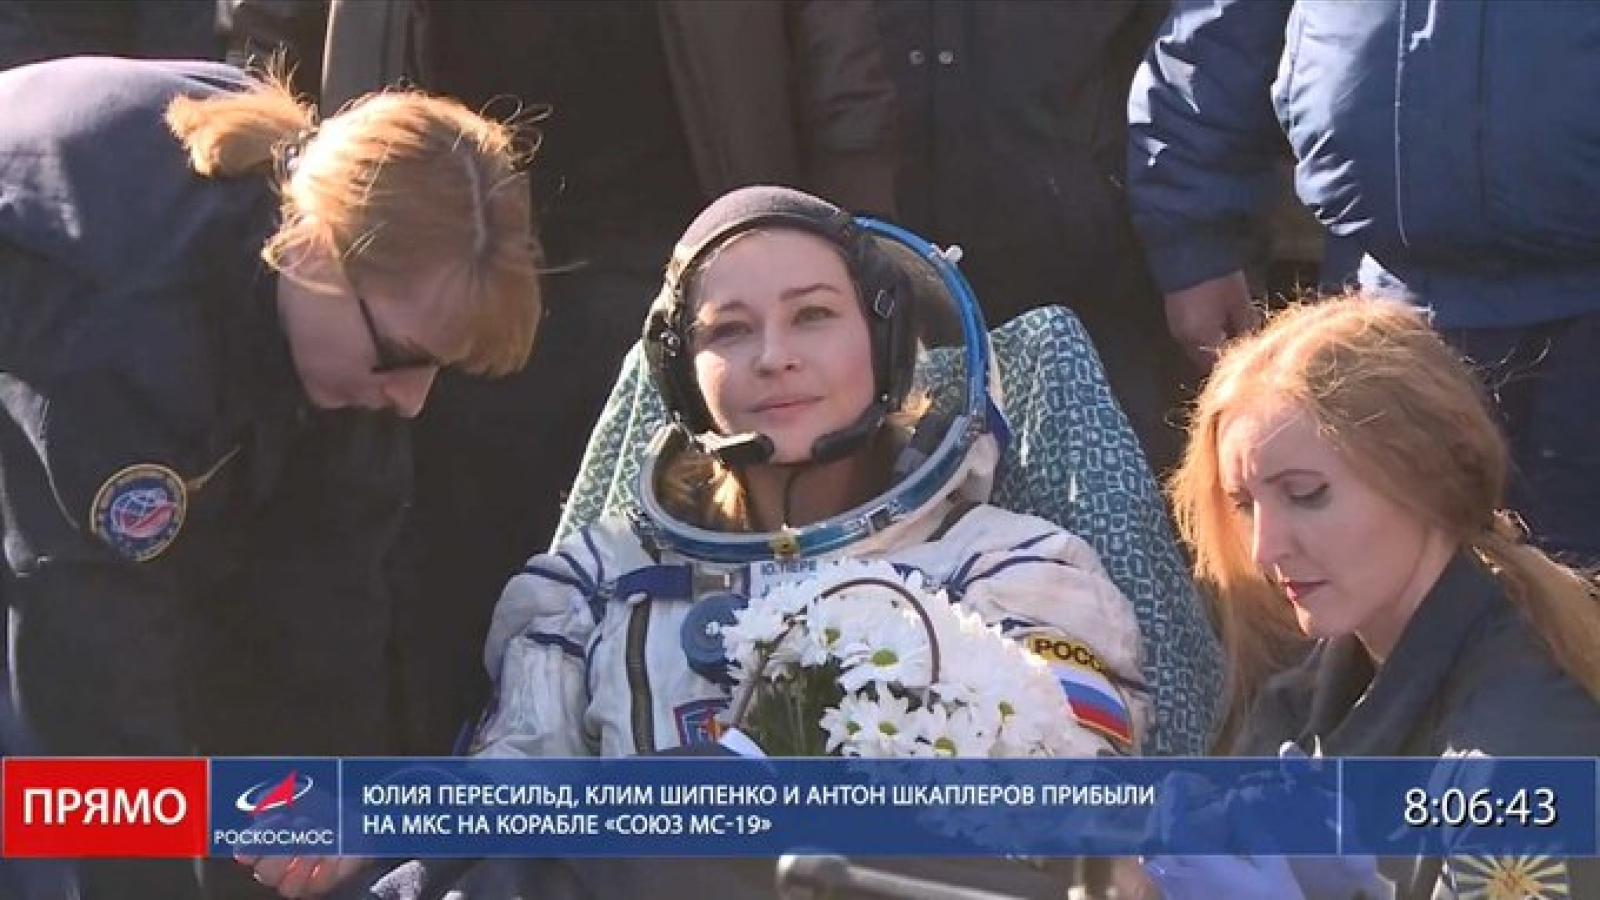 Đoàn làm phim Nga trên trạm vũ trụ trở về Trái Đất an toàn